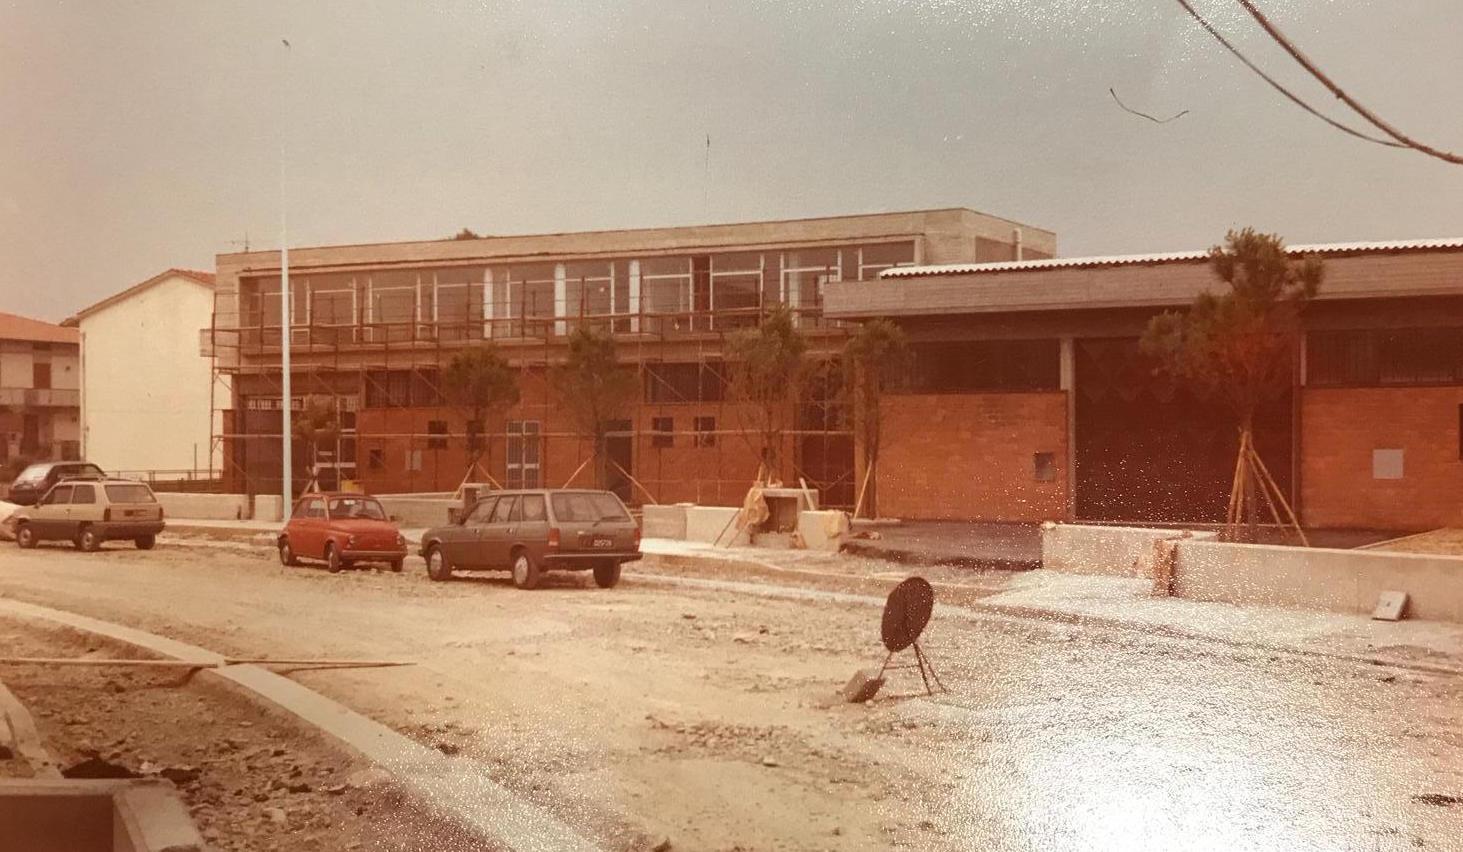 L'azienda Ridolfi Luciano & Massimo - Automazioni Industriali: History ErreDue